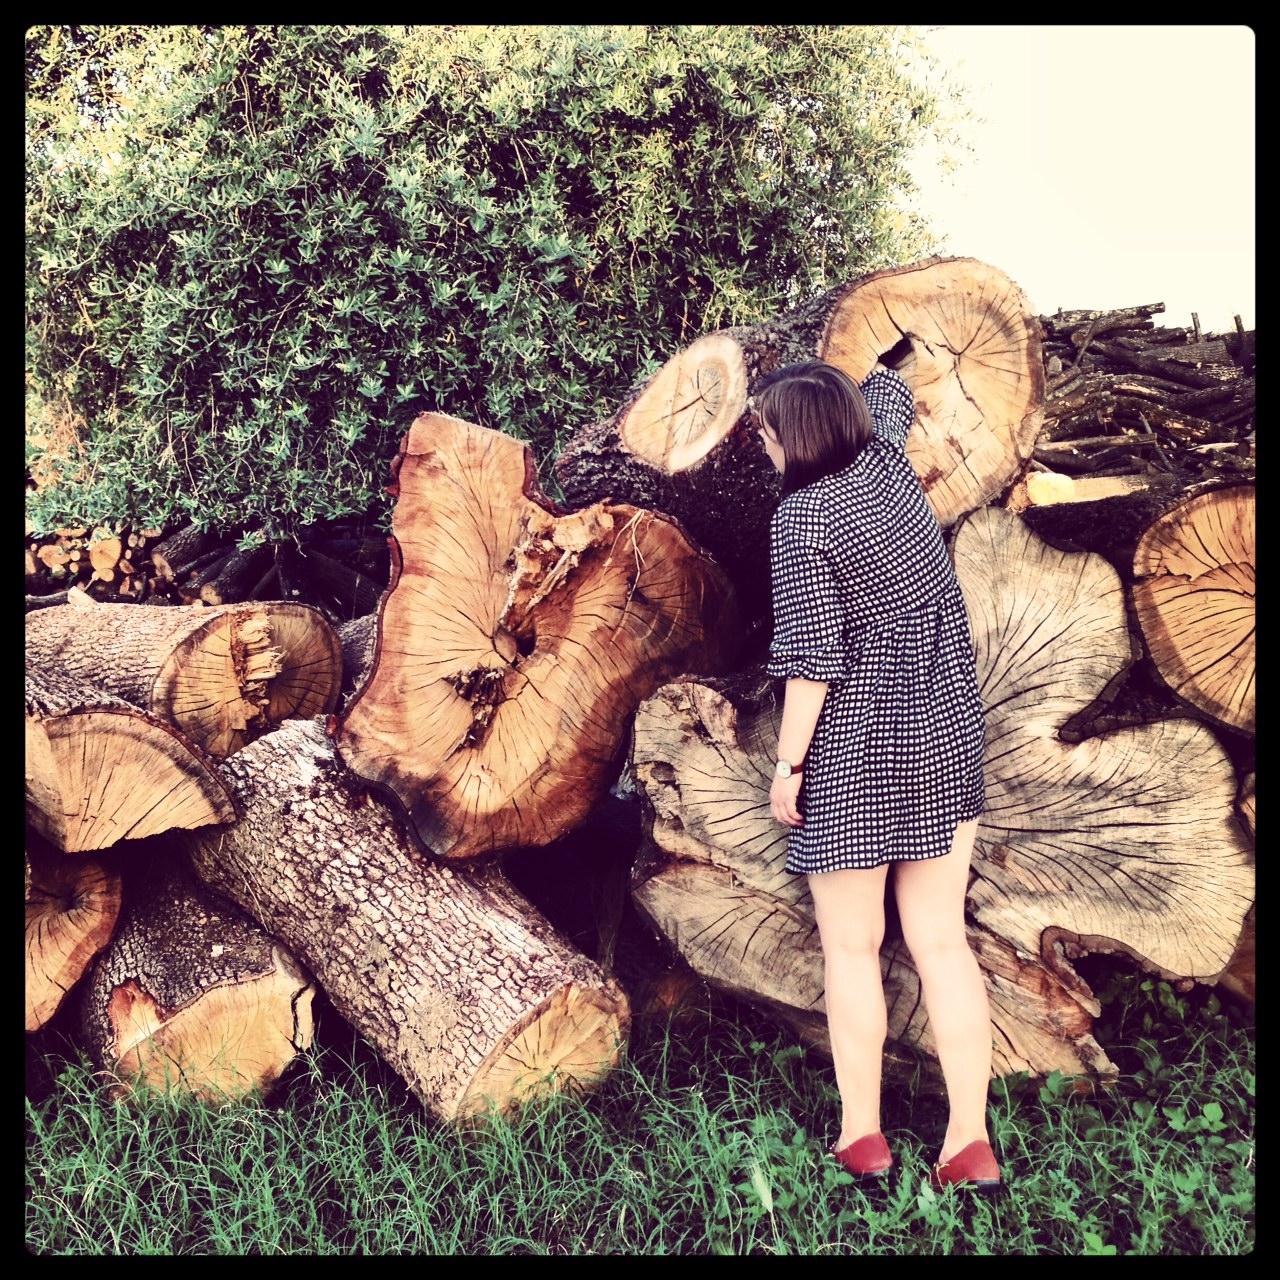 Rosanna photo tree